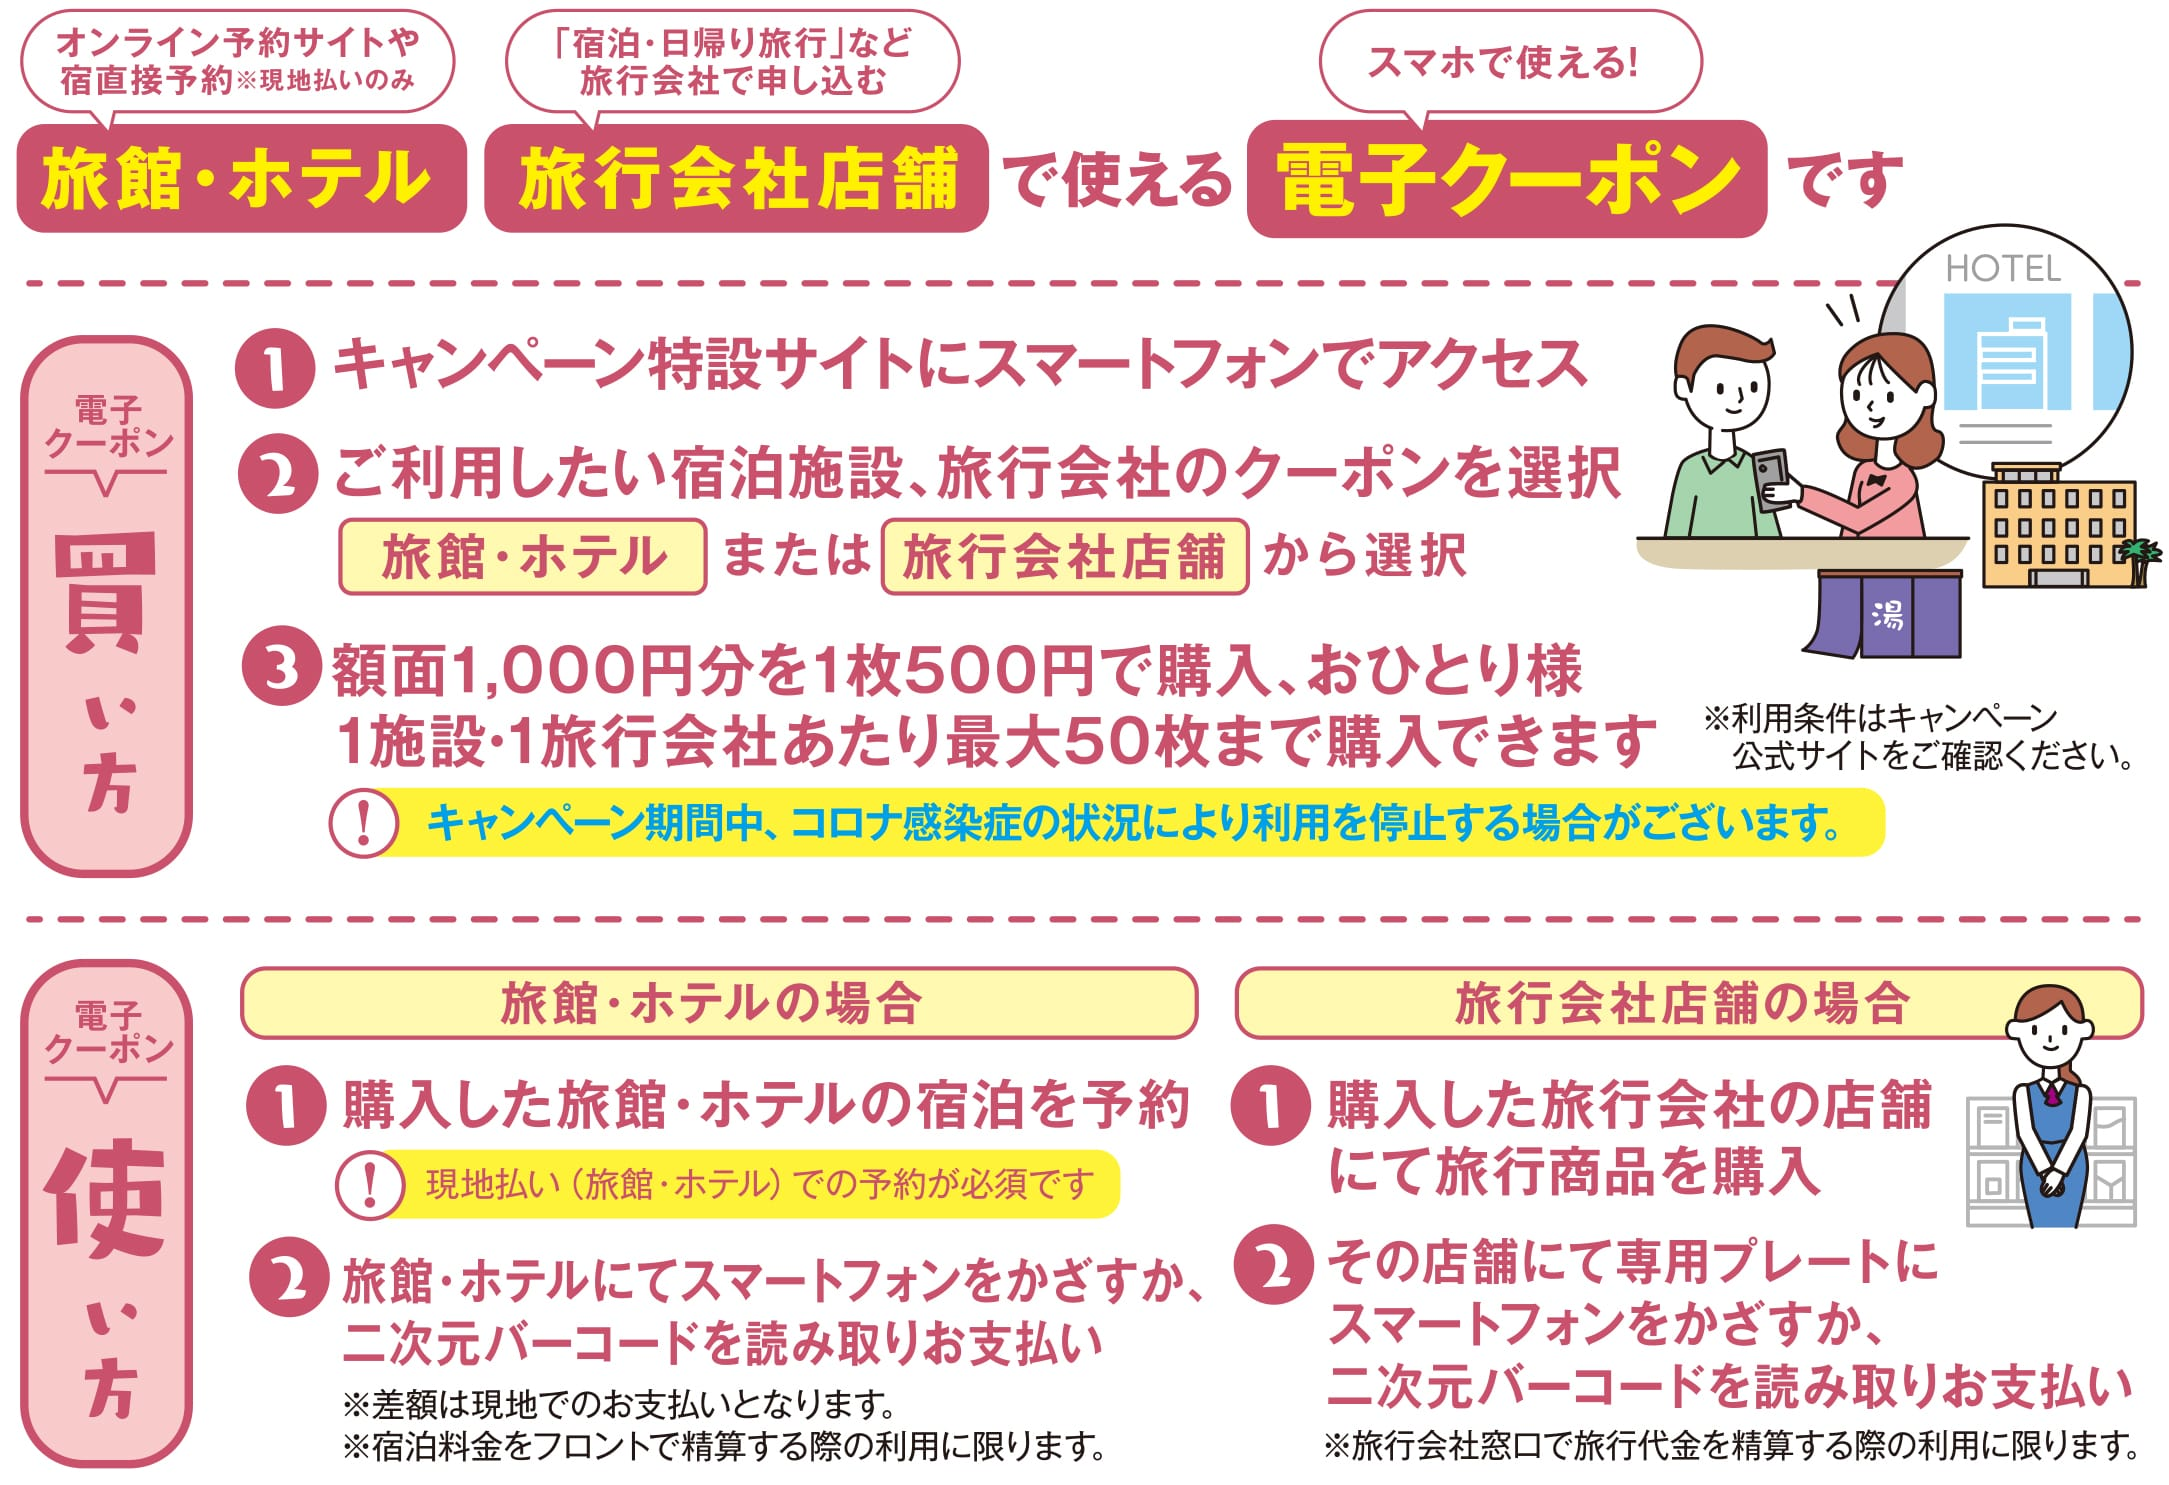 「福岡の秘密の旅」県民向け観光キャンペーン電子クーポンの買い方使い方